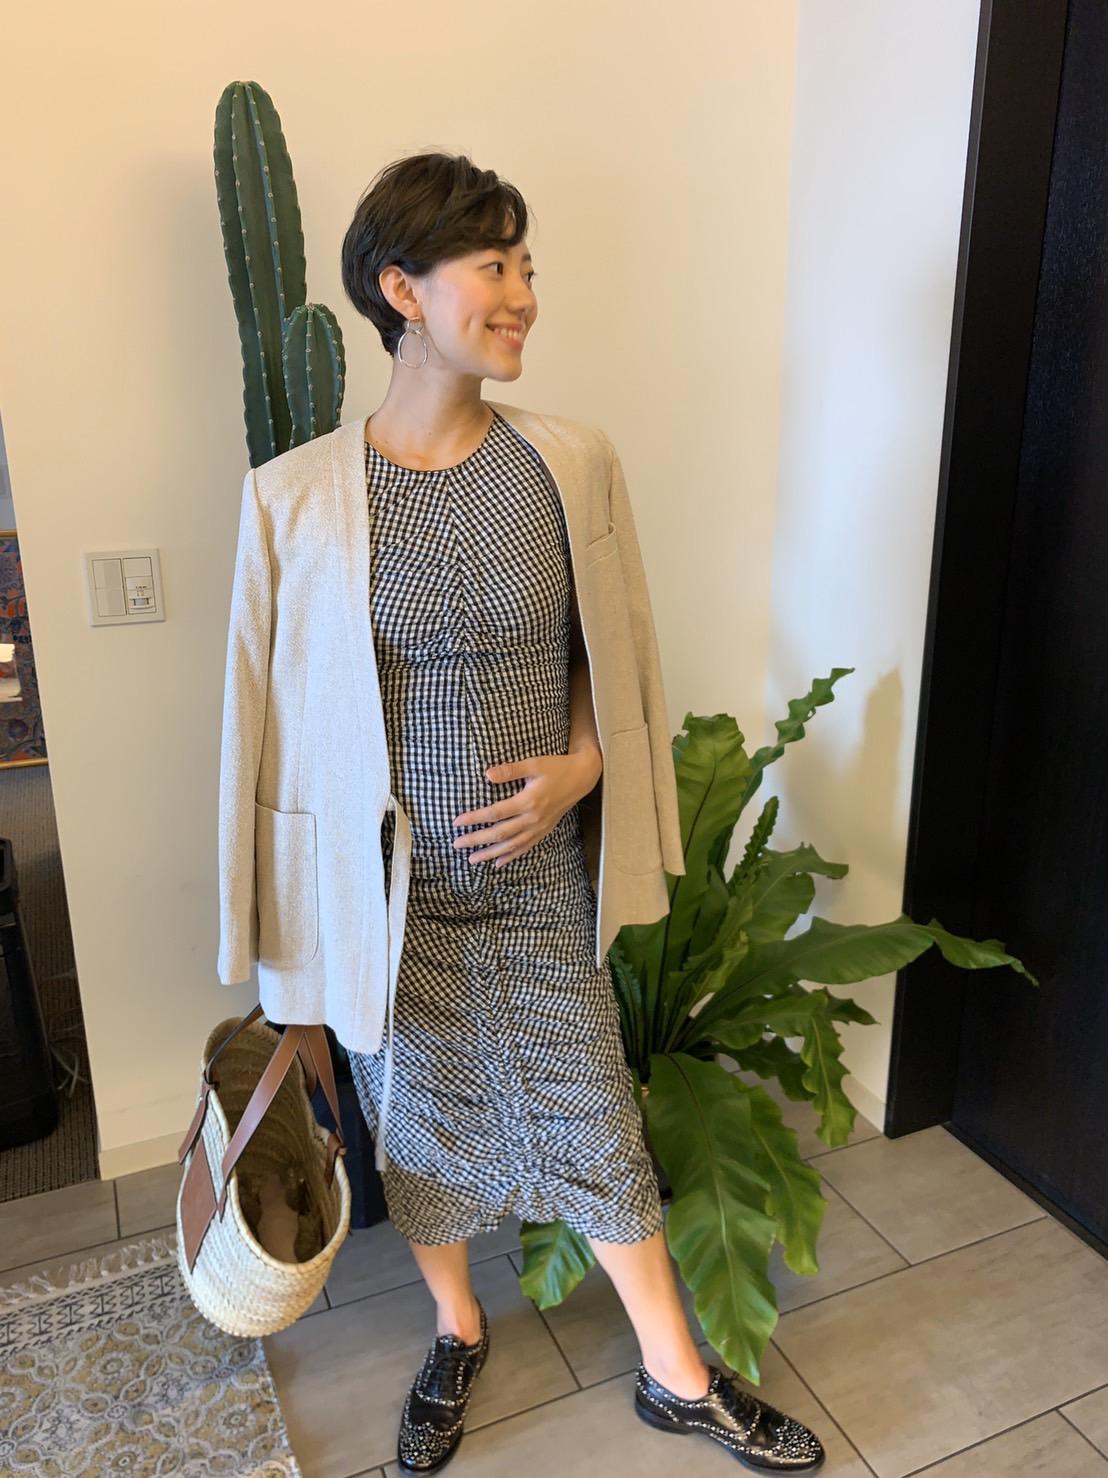 妊娠5カ月におすすめのZARA(ザラ)のワンピースを使った春夏マタニティコーデ